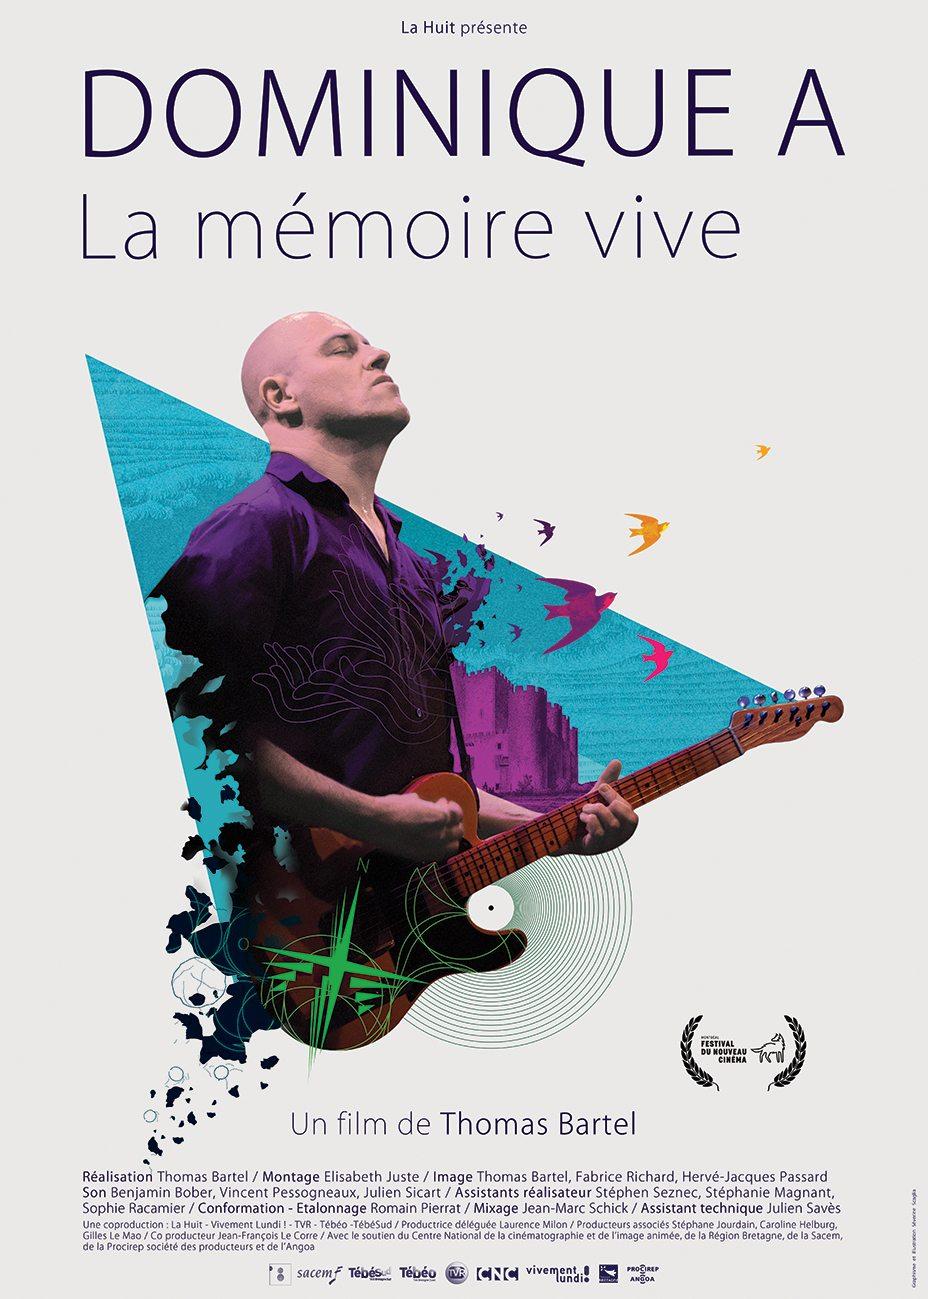 Dominique A Mémoire Vive